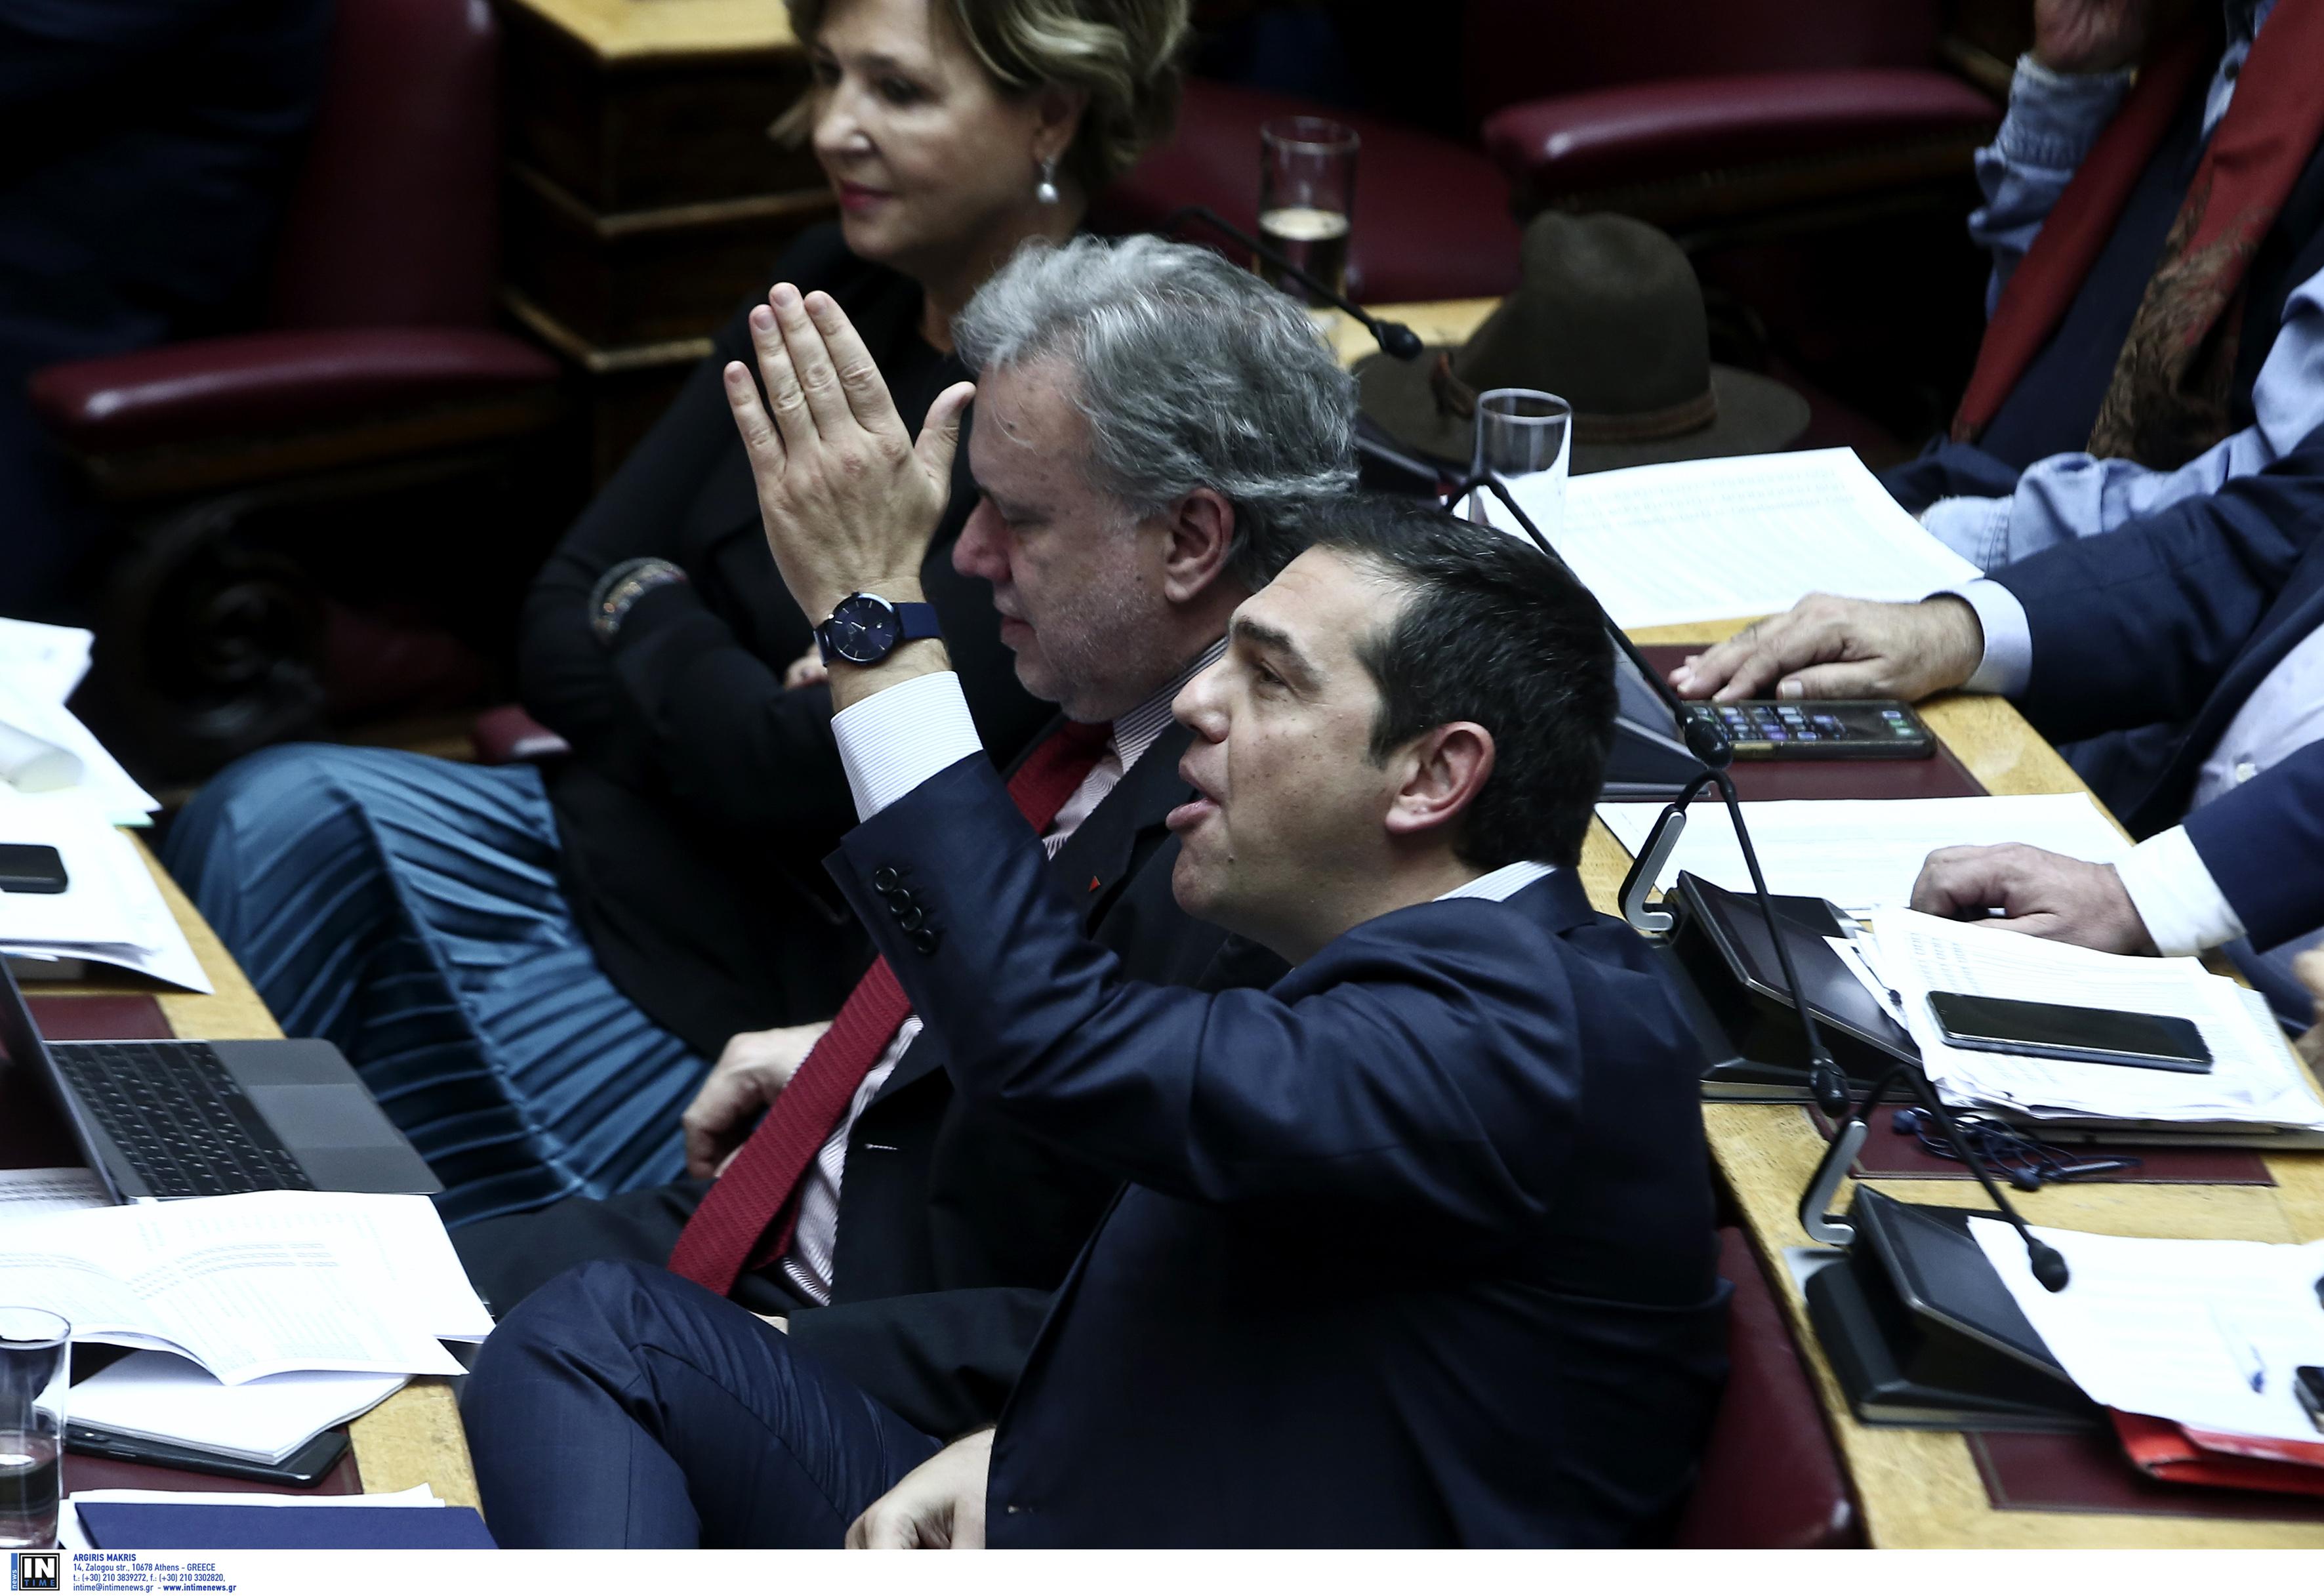 Συνταγματική Αναθεώρηση: Άβυσσος χωρίζει πλέον ΣΥΡΙΖΑ και ΝΔ